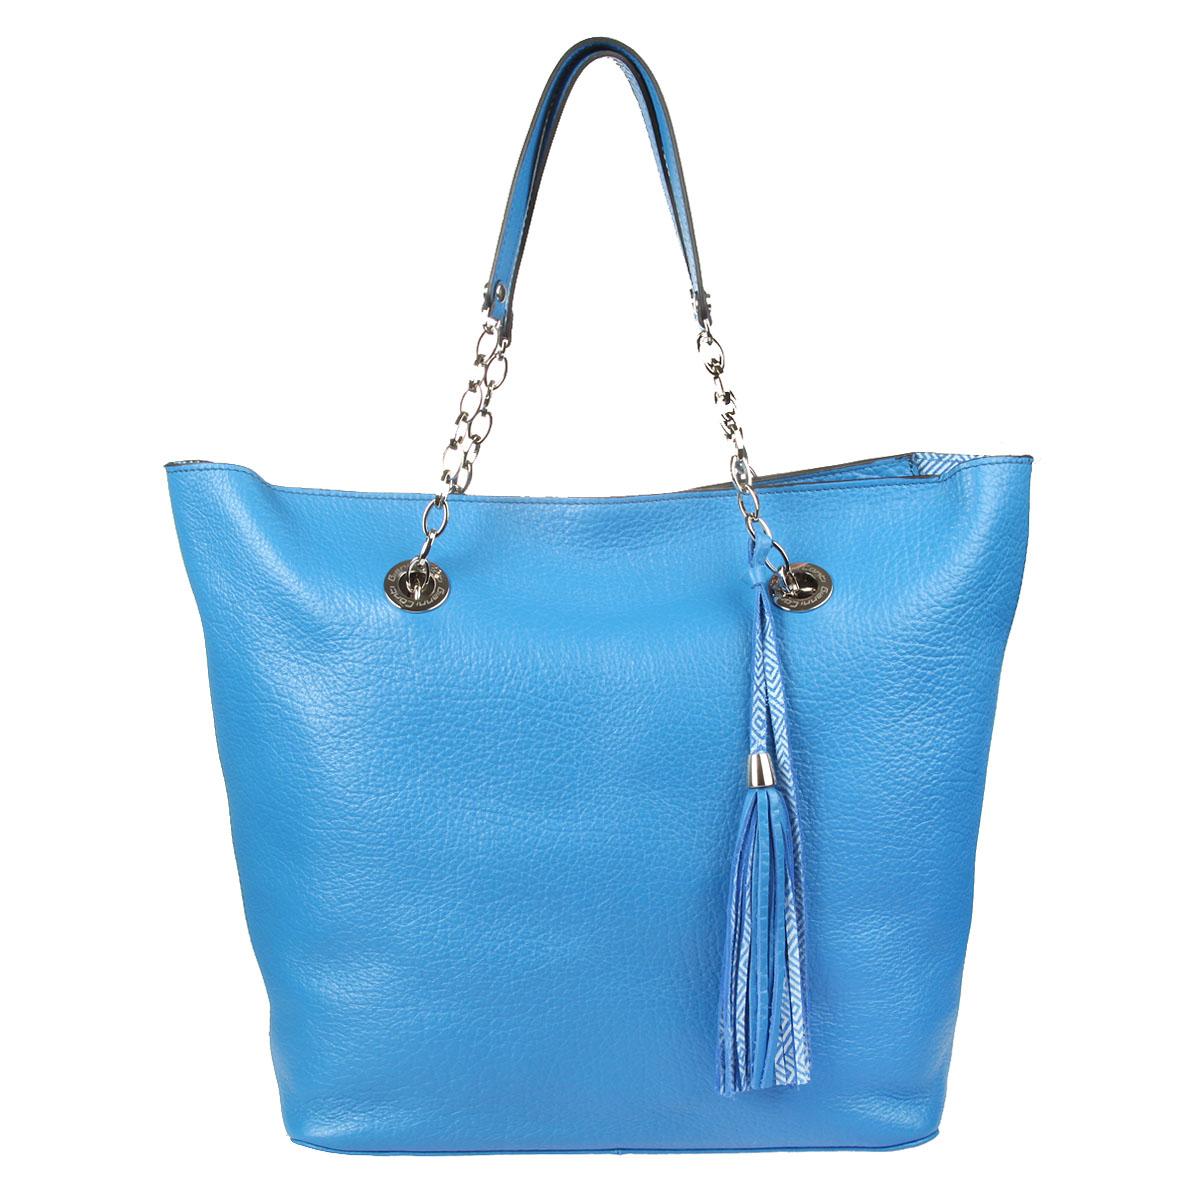 Сумка Gianni Conti жен., цвет: синий. 1543415 bluette1543415 bluetteзакрывается на молнию внутри большой отдел, в котором съемная косметичка на молнии